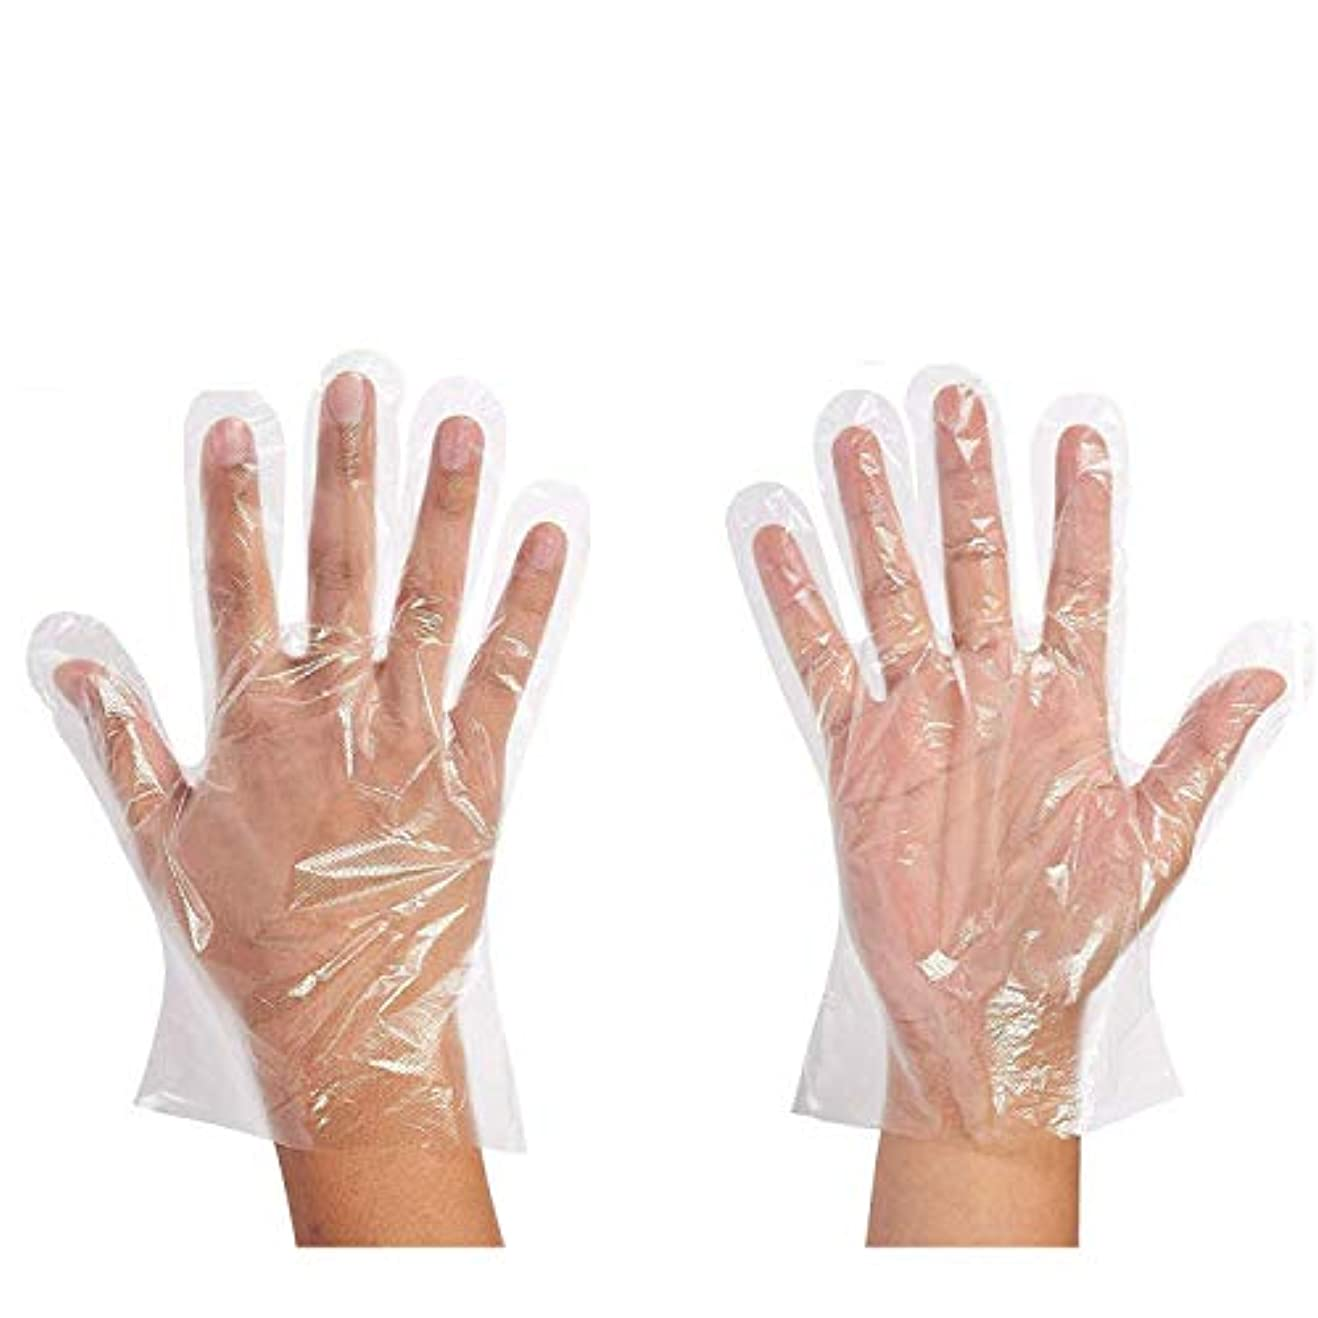 その後タッチ絶滅500枚セット使い捨て手袋 ポリエチレン 極薄ビニール手袋 実用 衛生 極薄手袋毛染めに 調理に お掃除に 透明